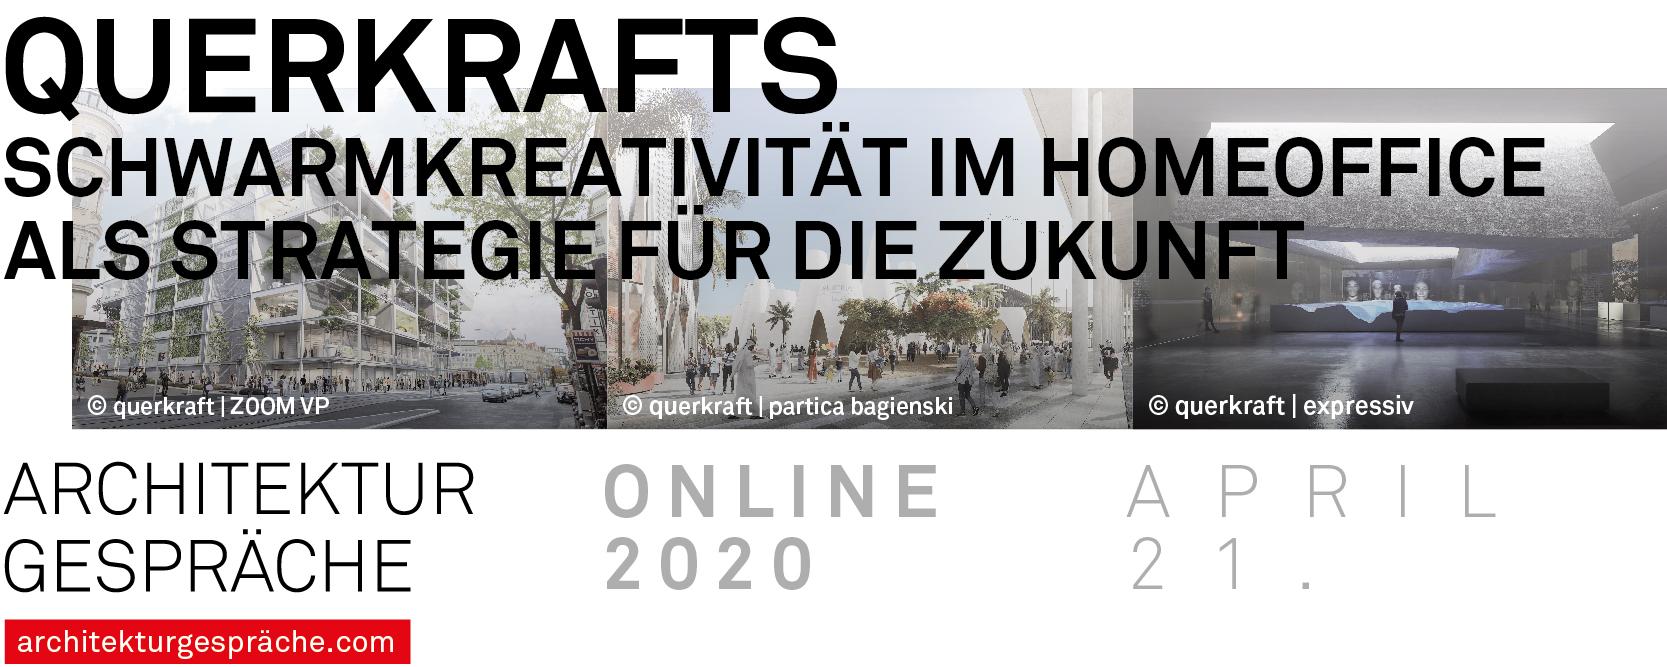 Online Architekturgespräch mit Jakob Dunkl von querkraft - querkrafts Schwarmkreativität im Homeoffice als Strategie für die Zukunft